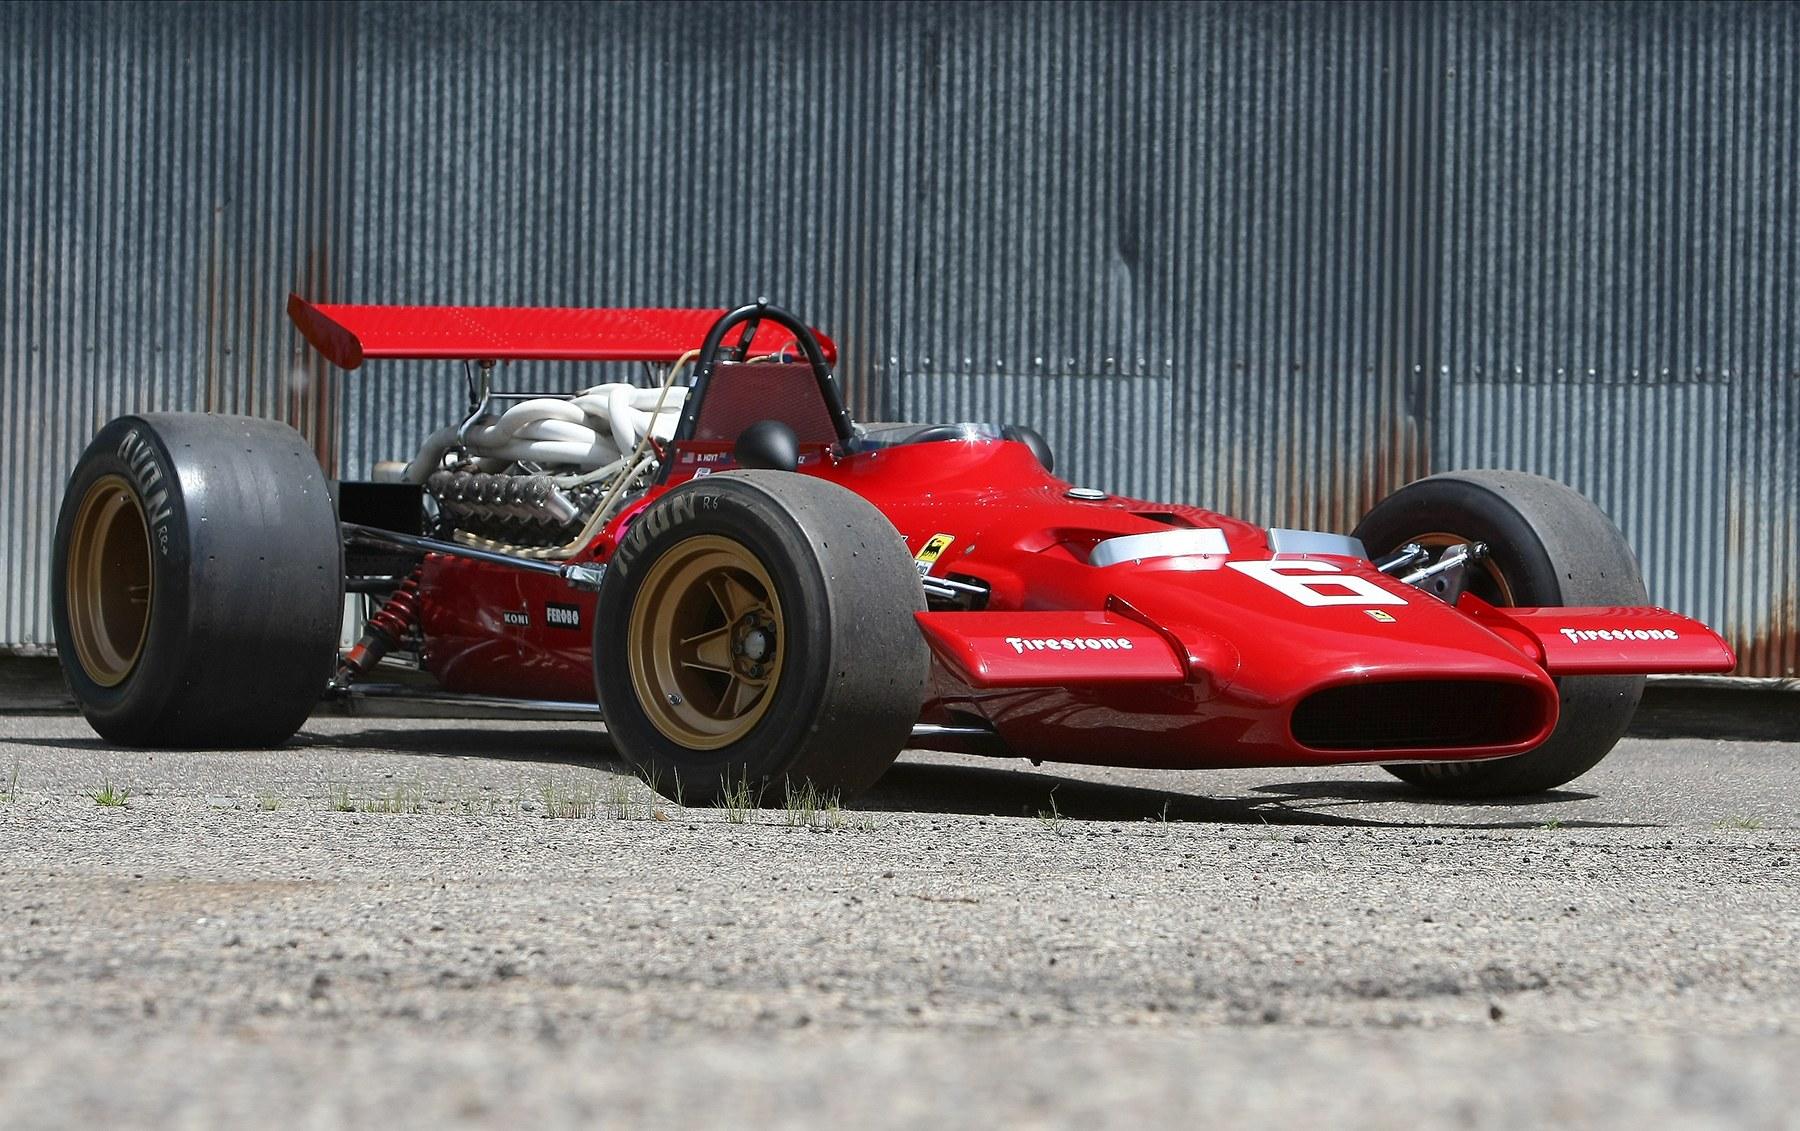 1969 Ferrari 312 Formula One